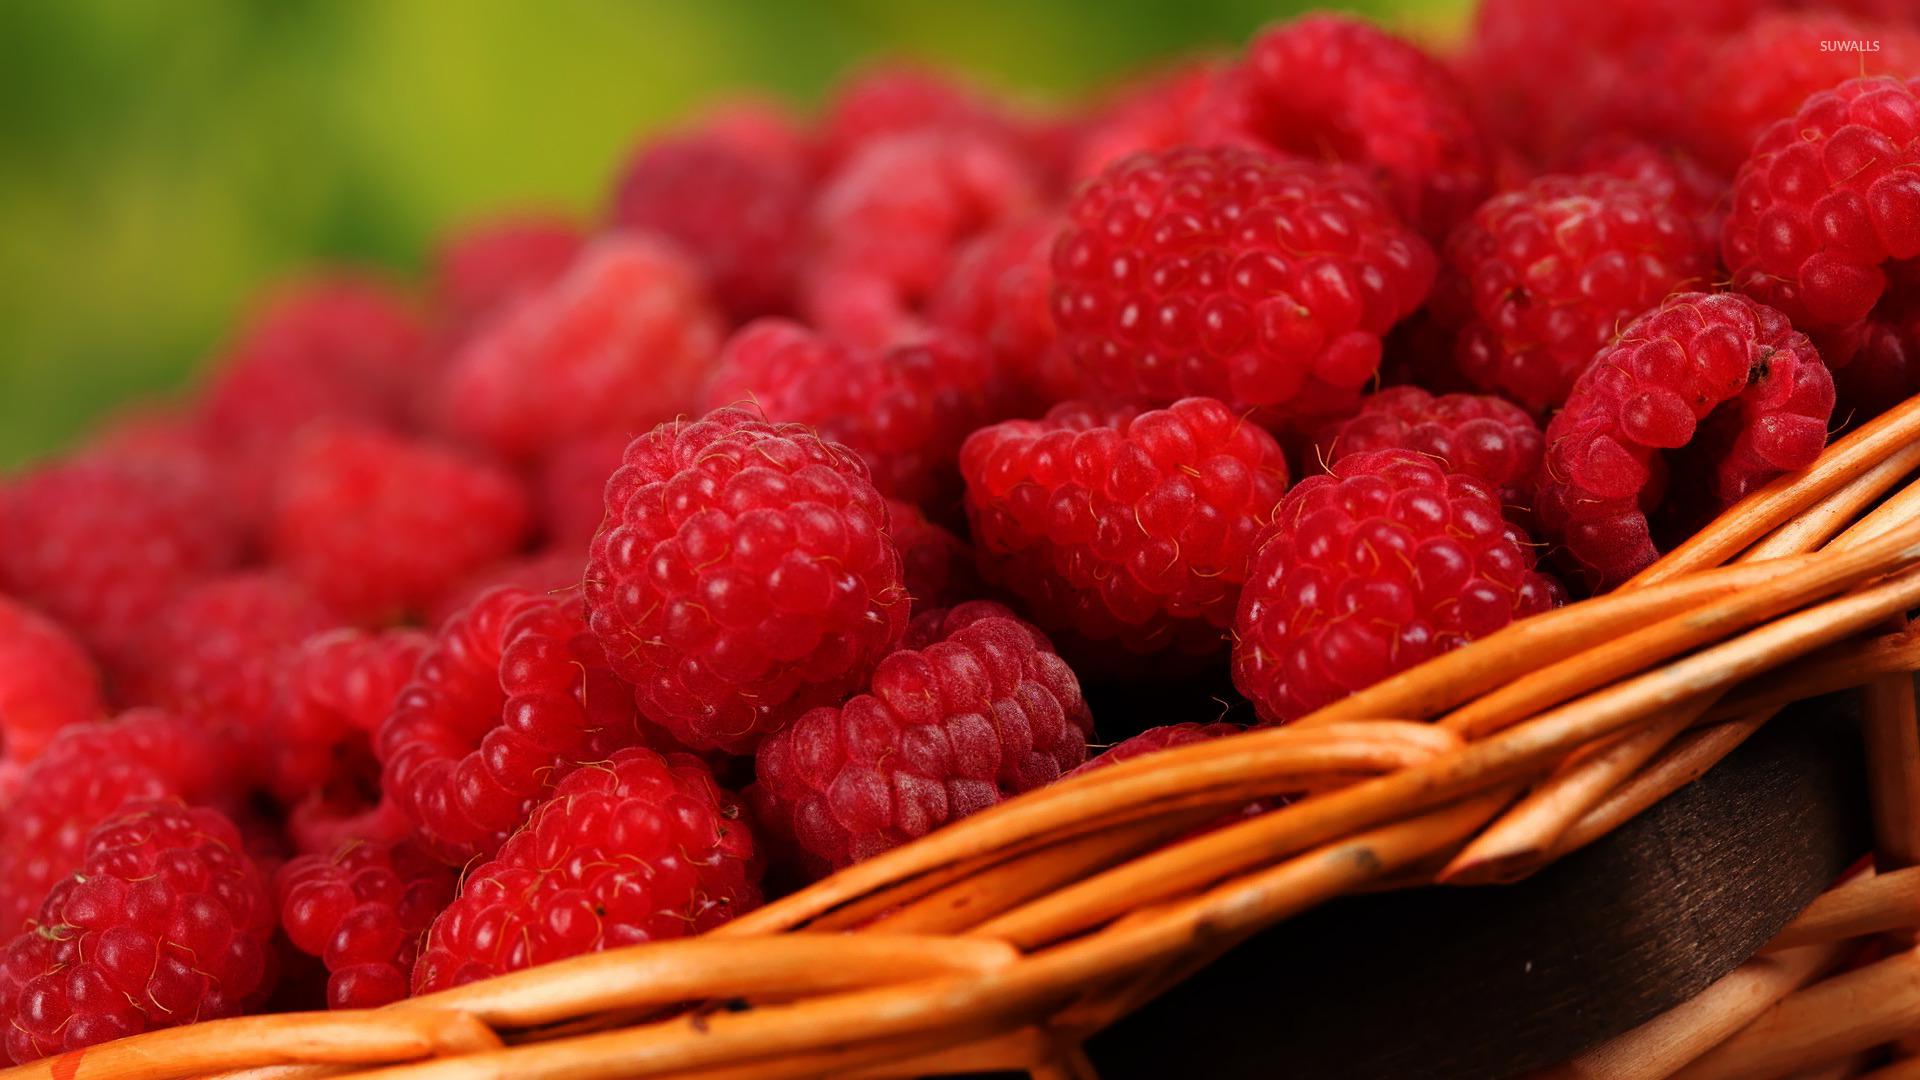 еда малина ягоды  № 2884580 загрузить